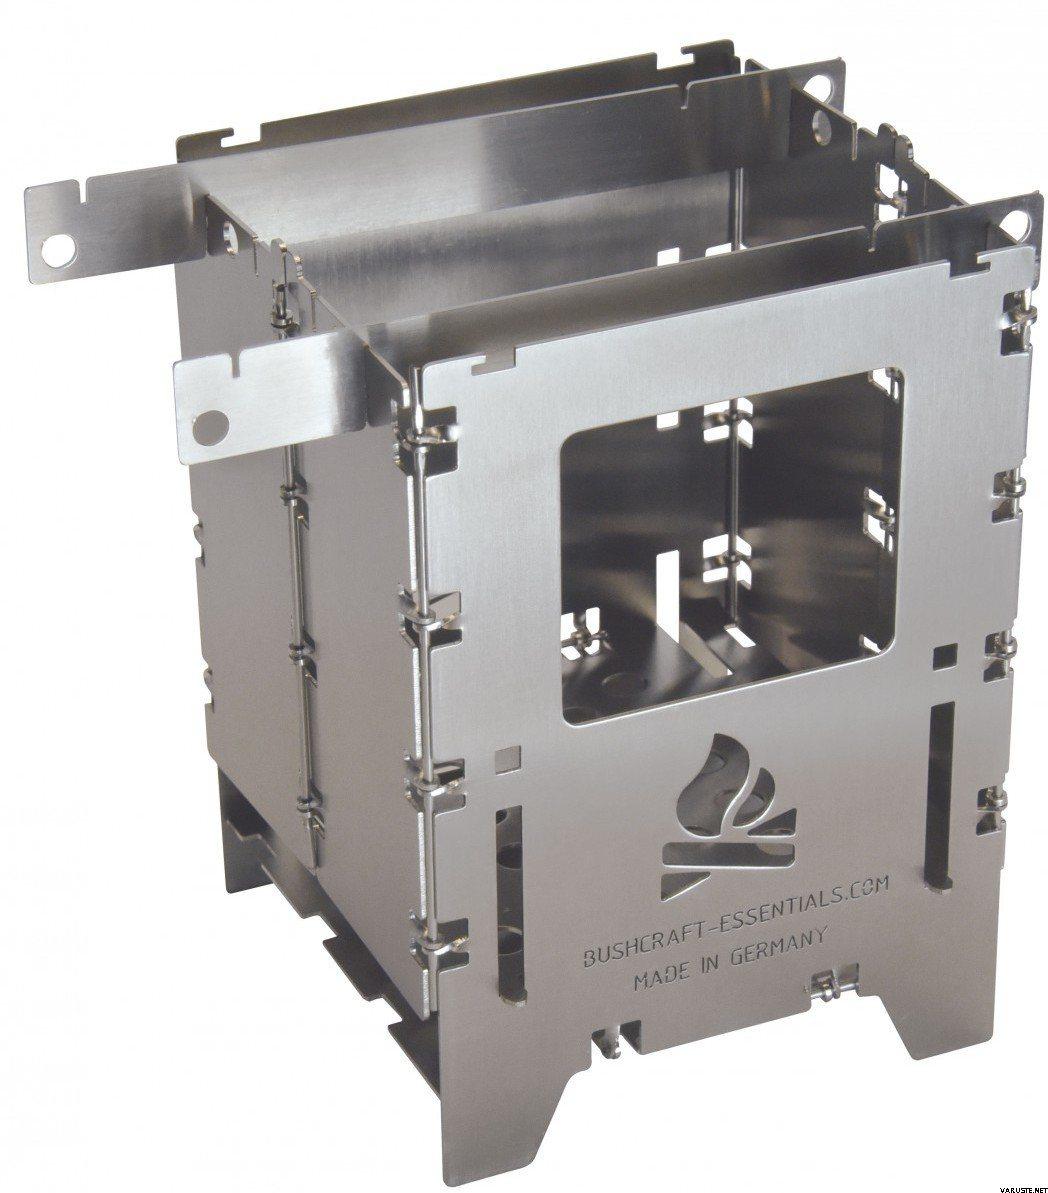 Bushcraft Essentials Universal Grate Bushbox LF